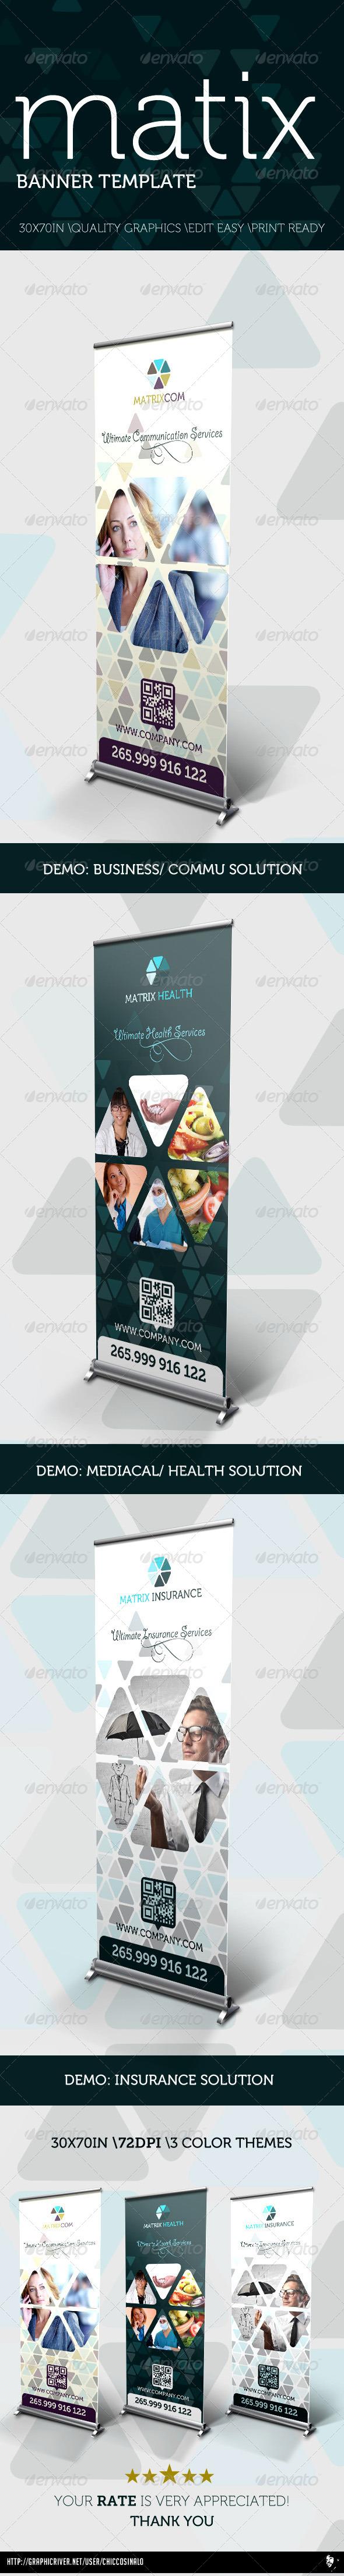 Matrix Banner Template